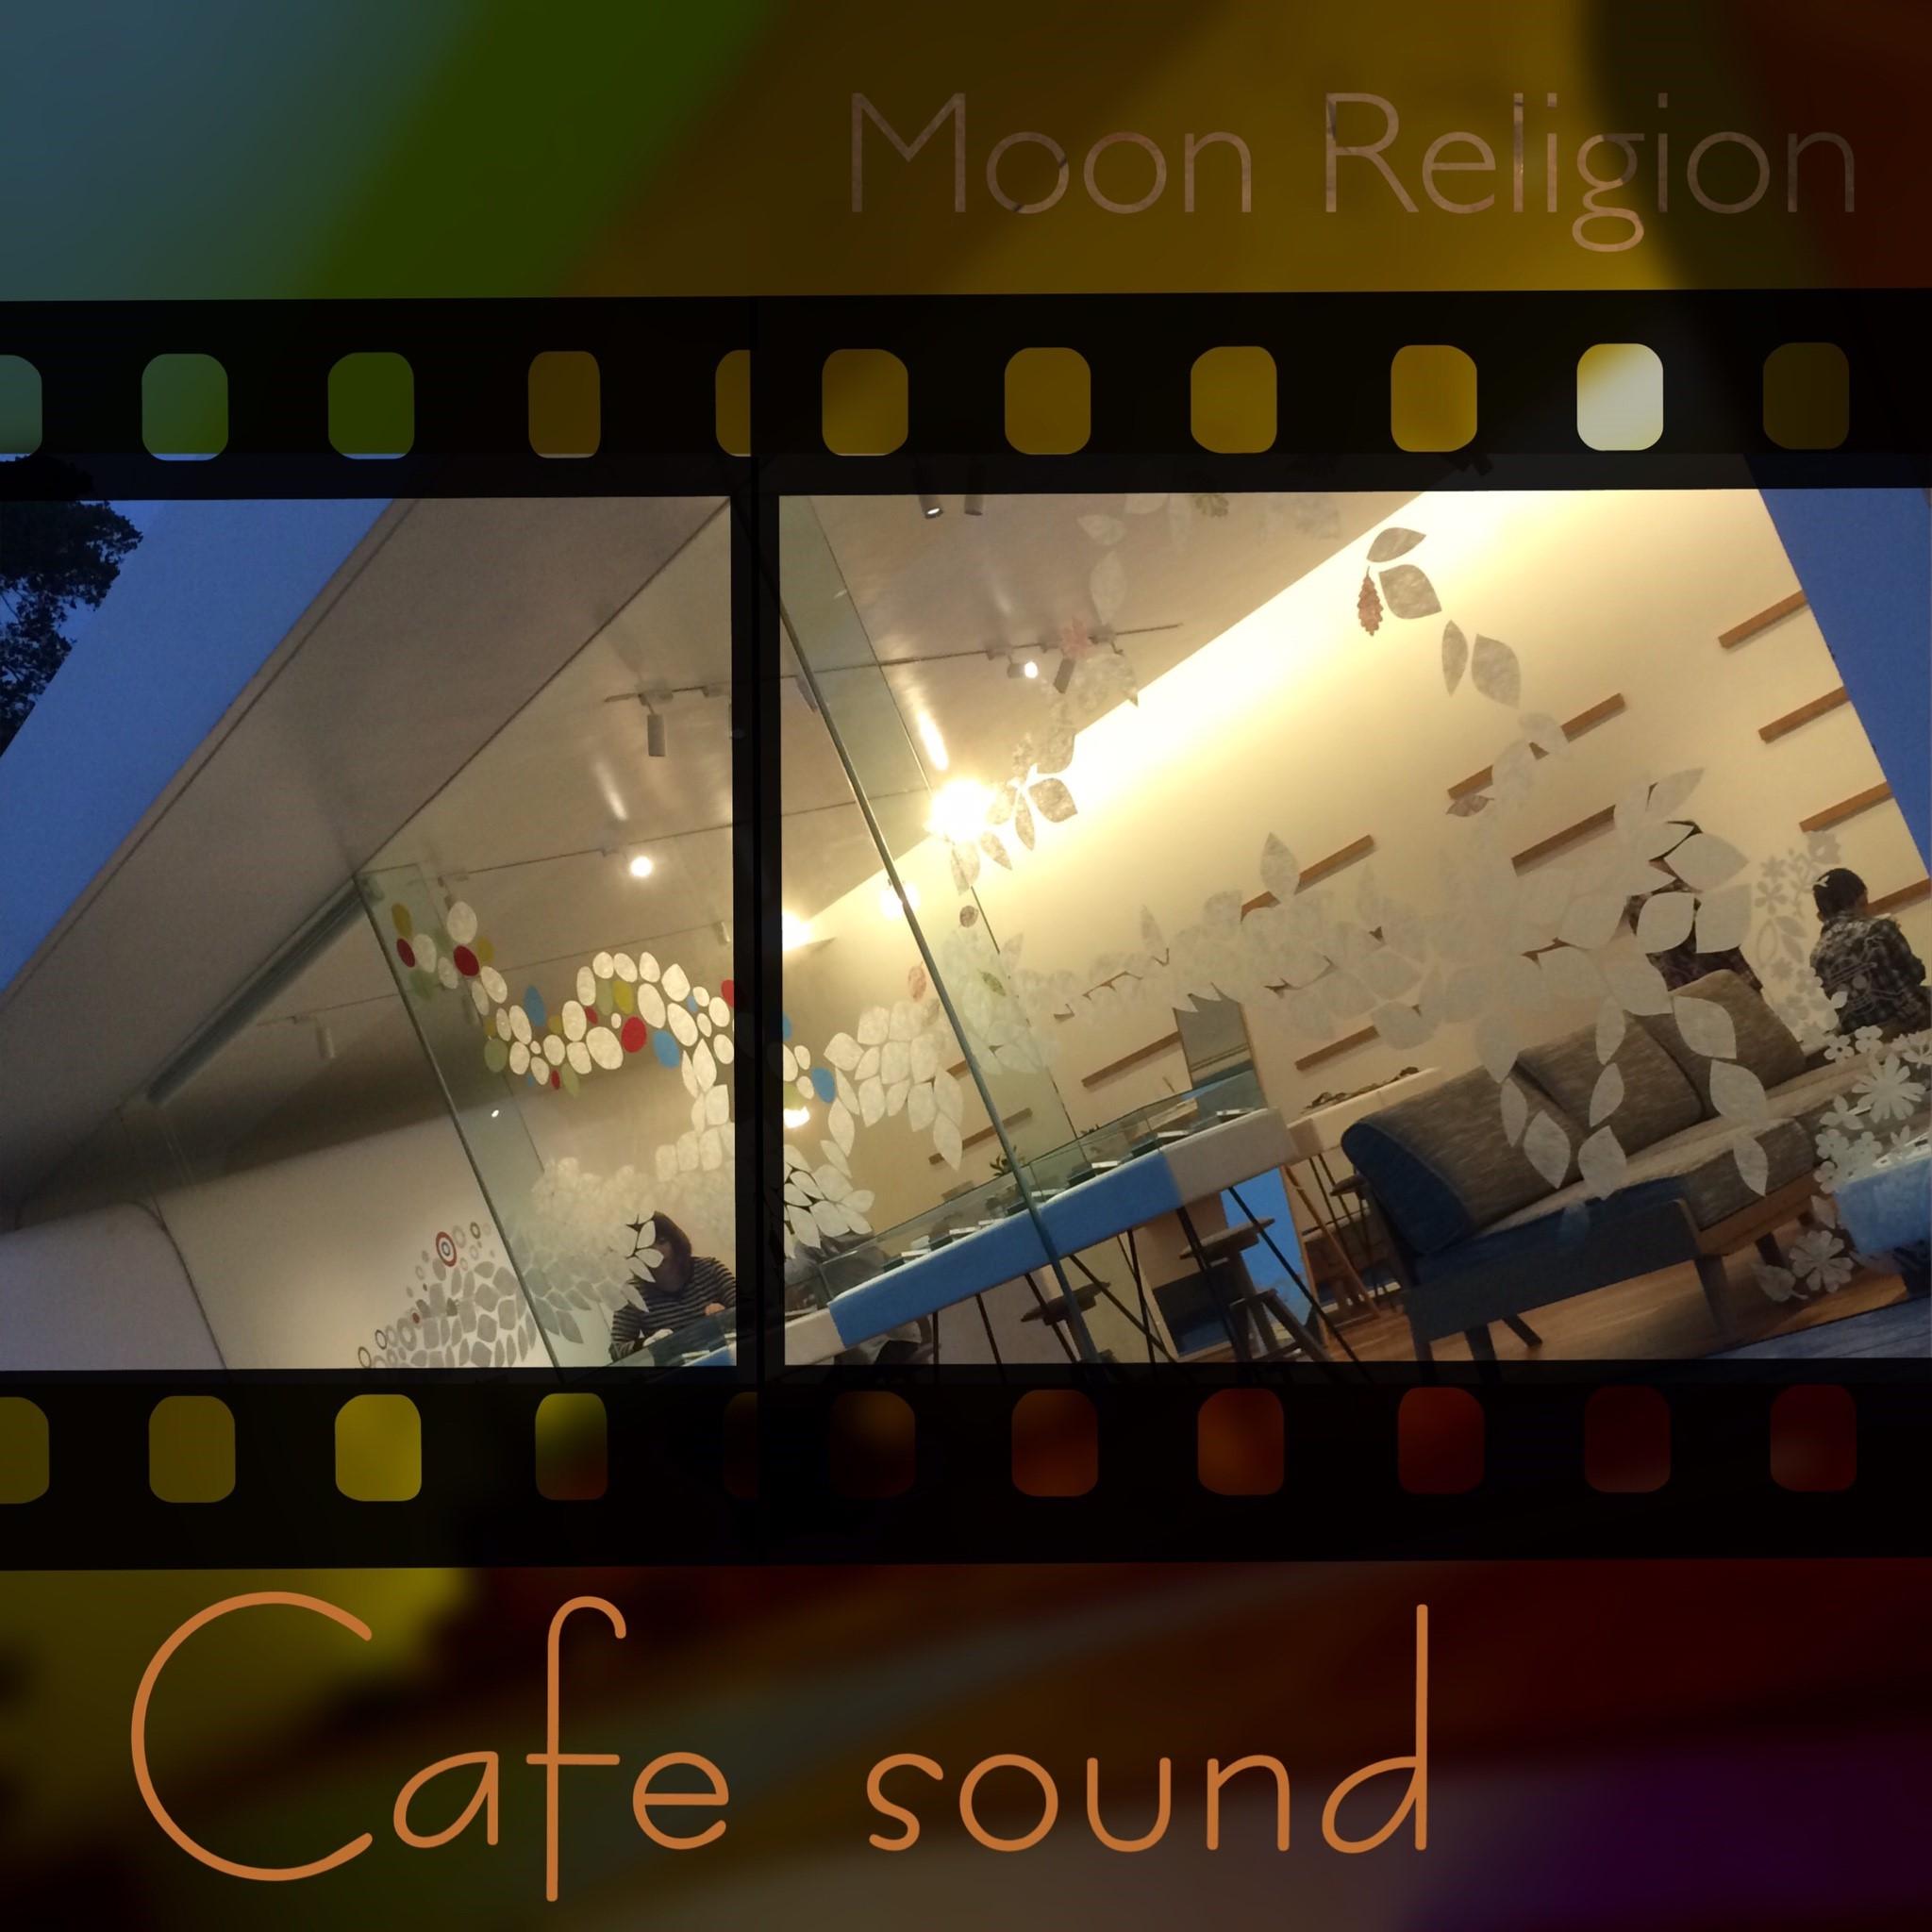 Cafe sound